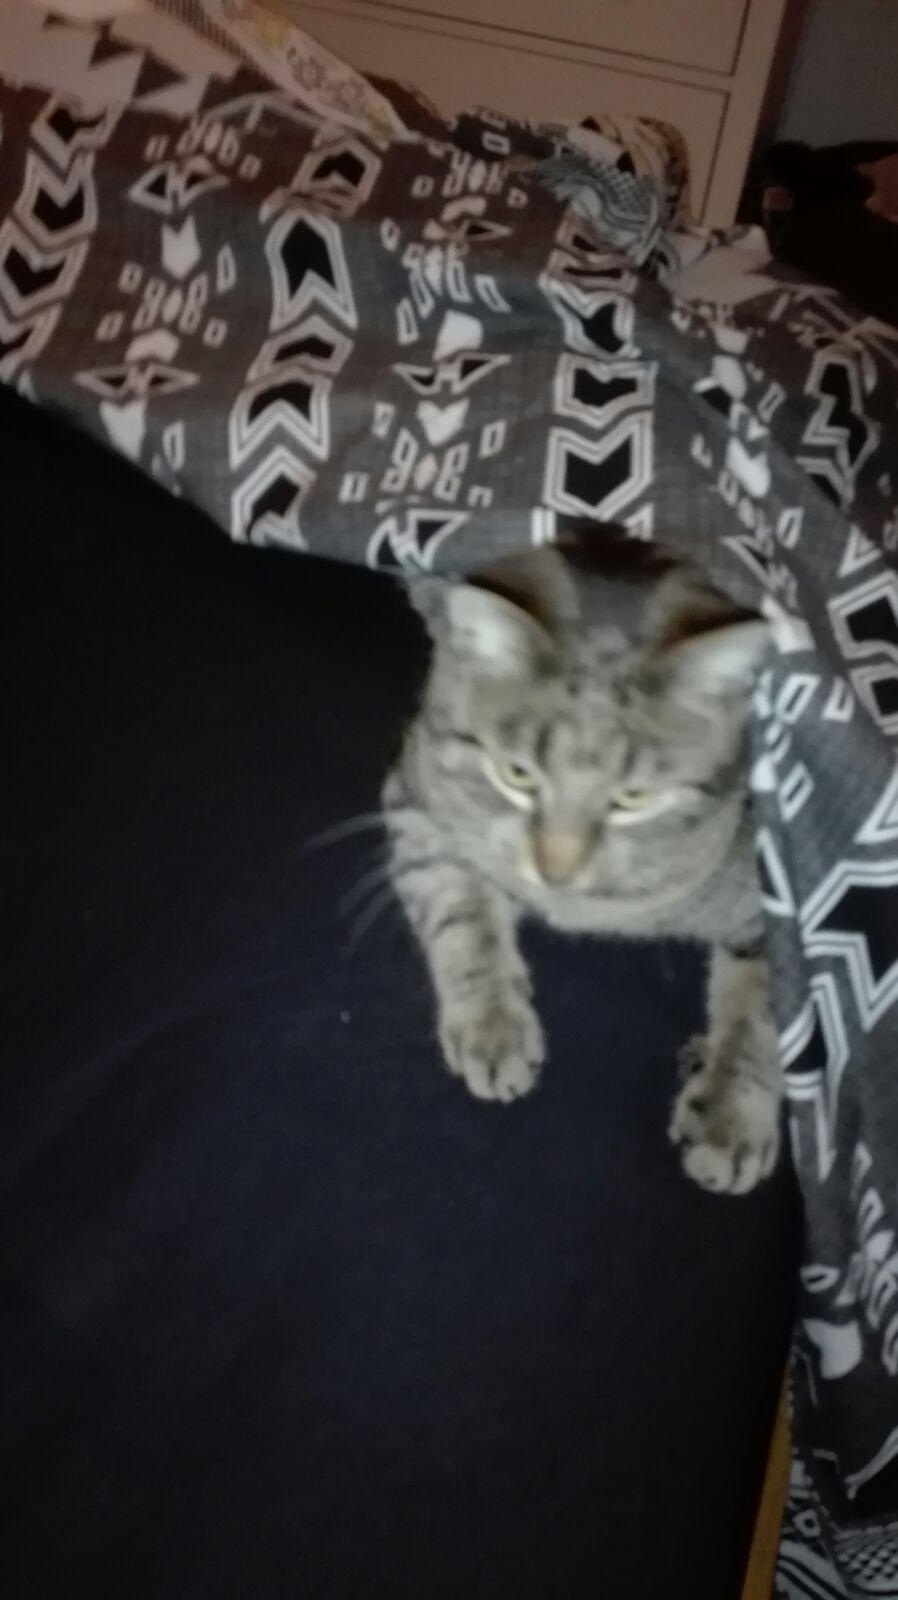 Unsere wundervolle Katzenmami Calista - (Katzenfamilie Fantasy)